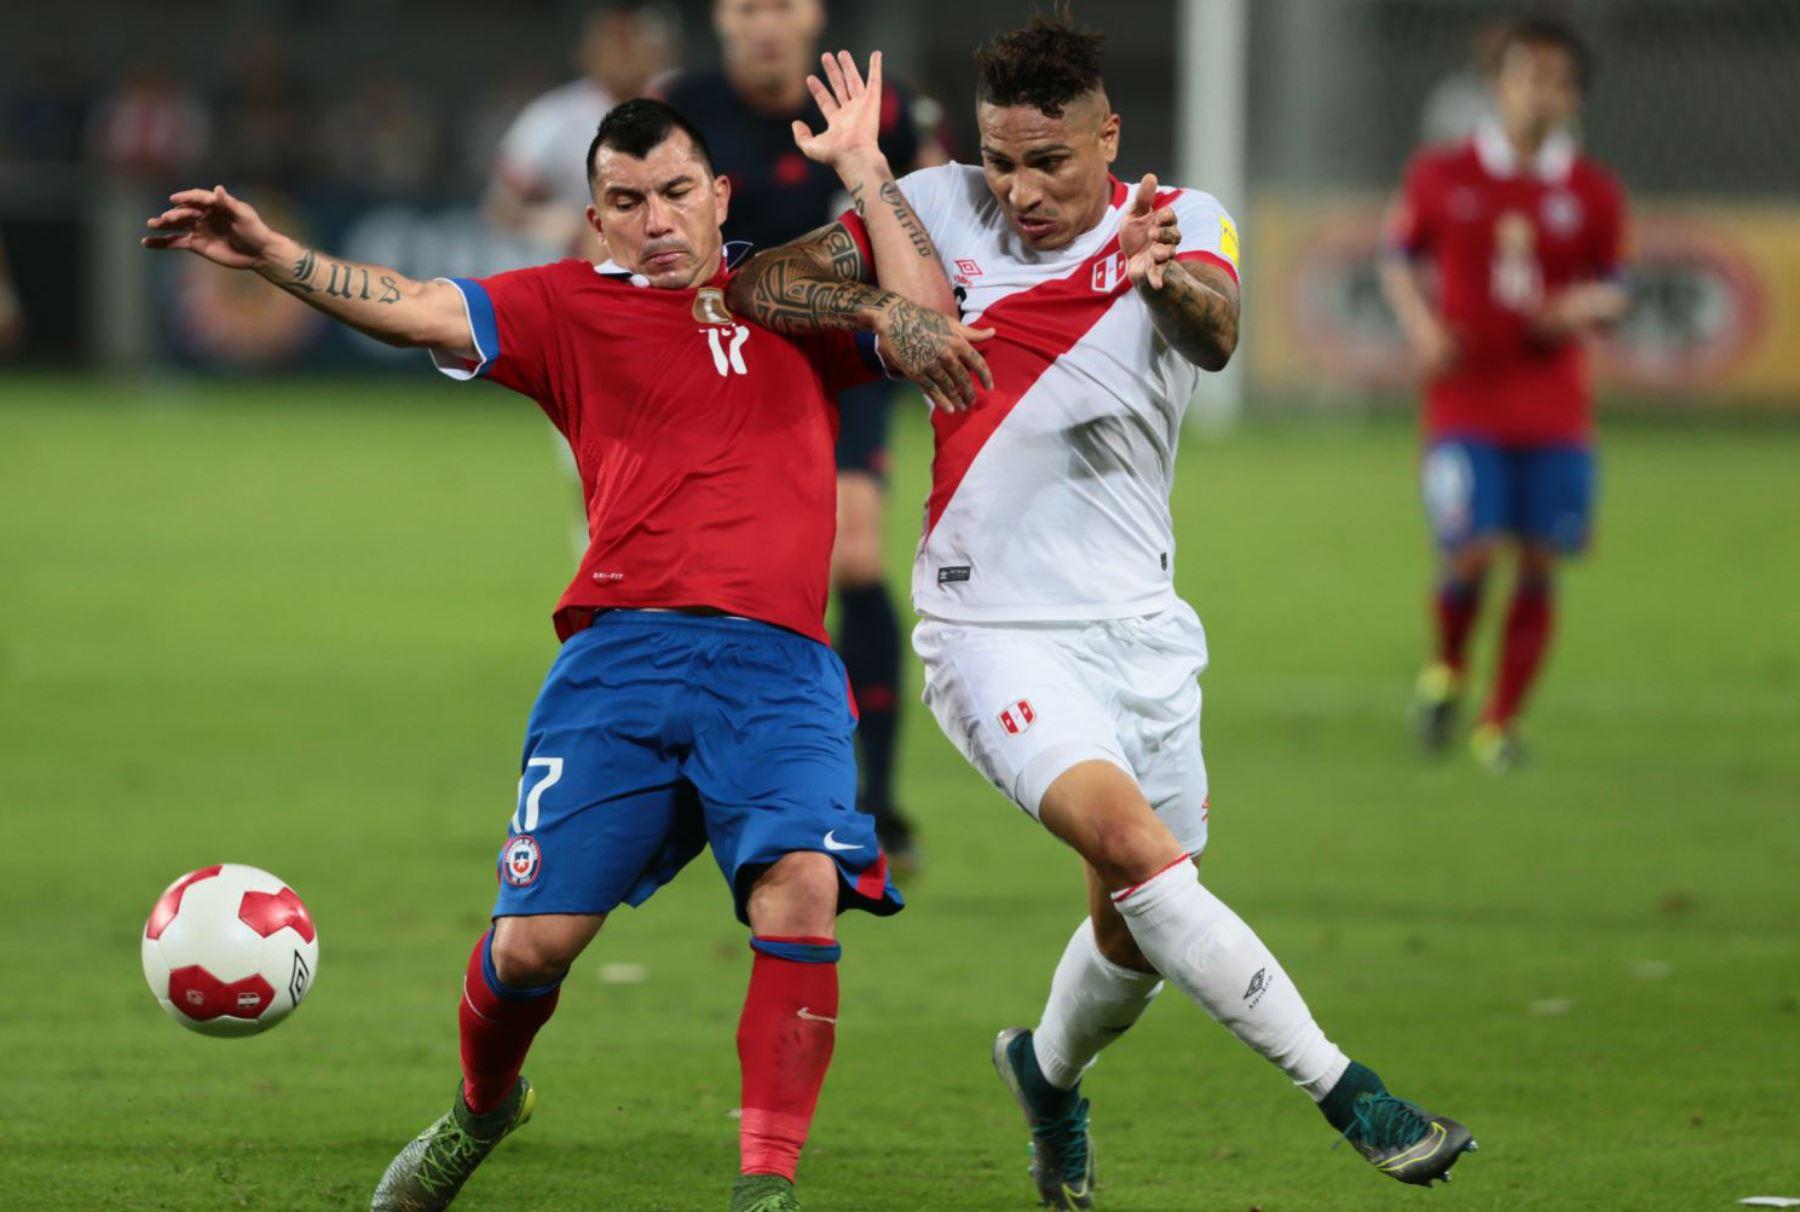 Perú jugando con diez hombre pierde ante los chilenos por Eliminatorias Rusia 2018.Foto: ANDINA/Carlos Lezama